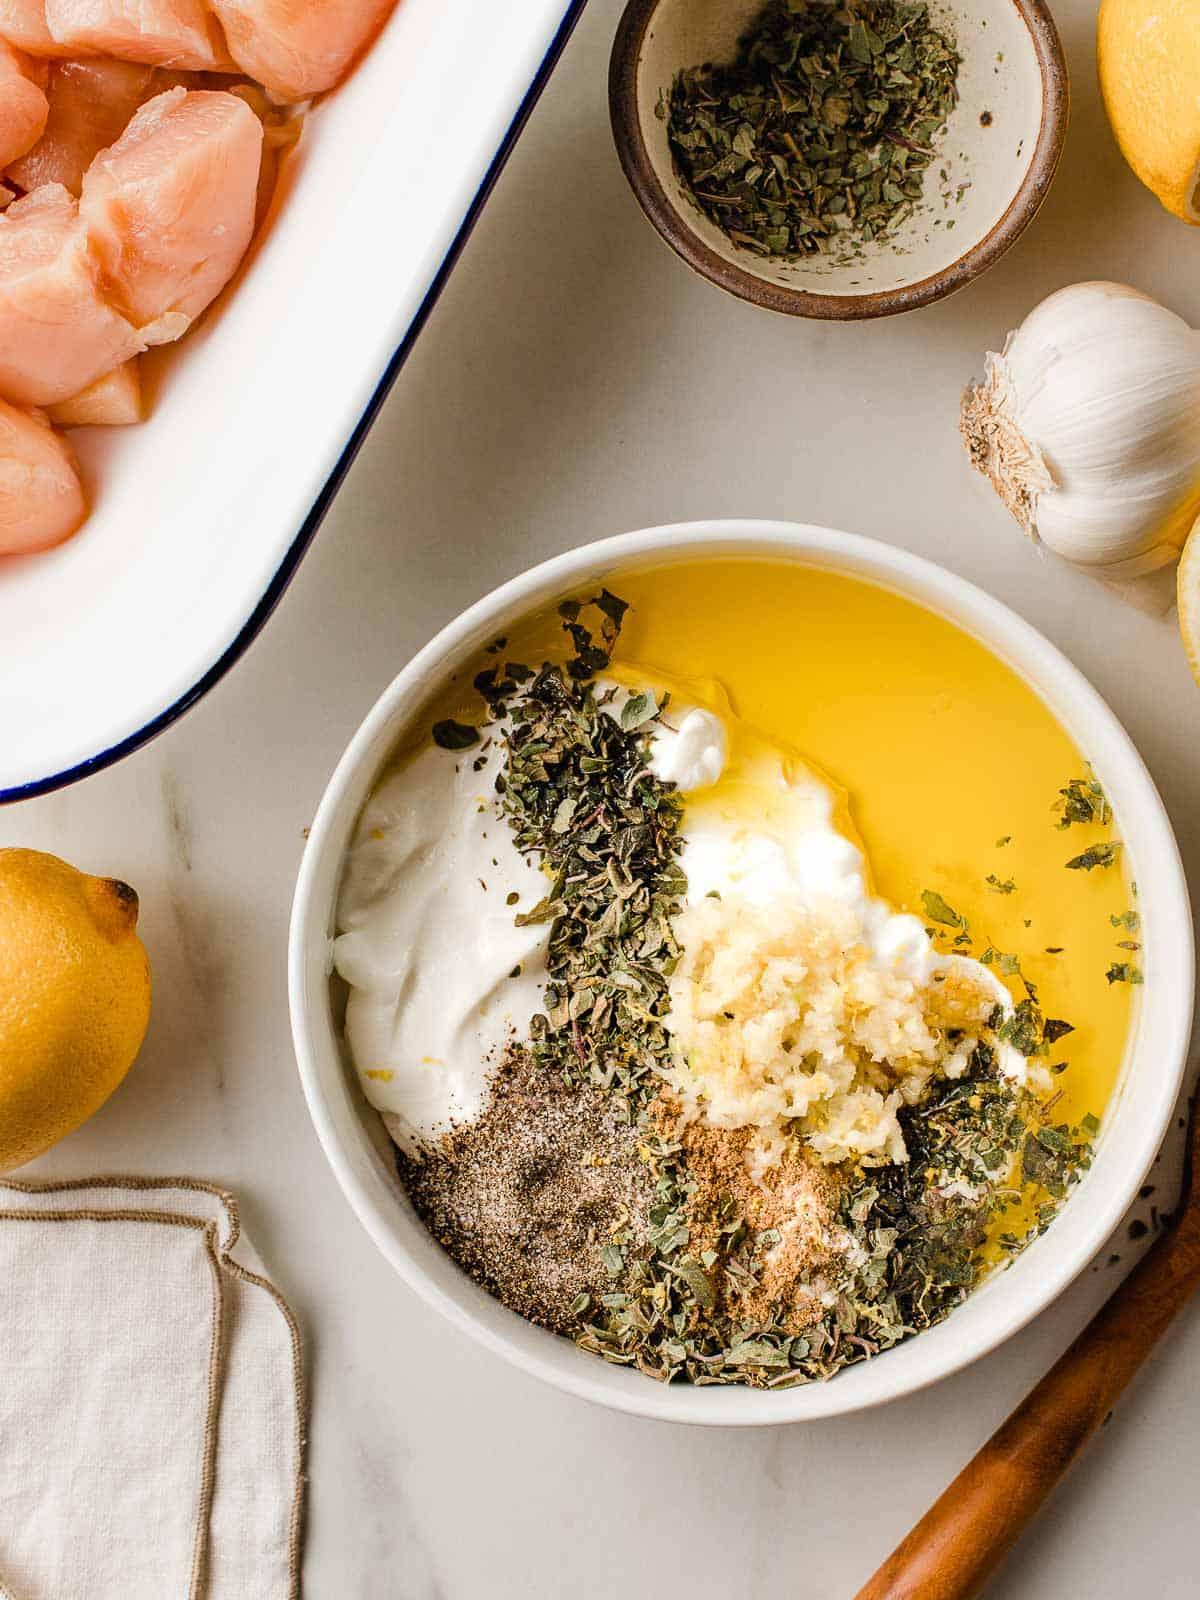 Greek chicken marinade ingredients in a bowl.